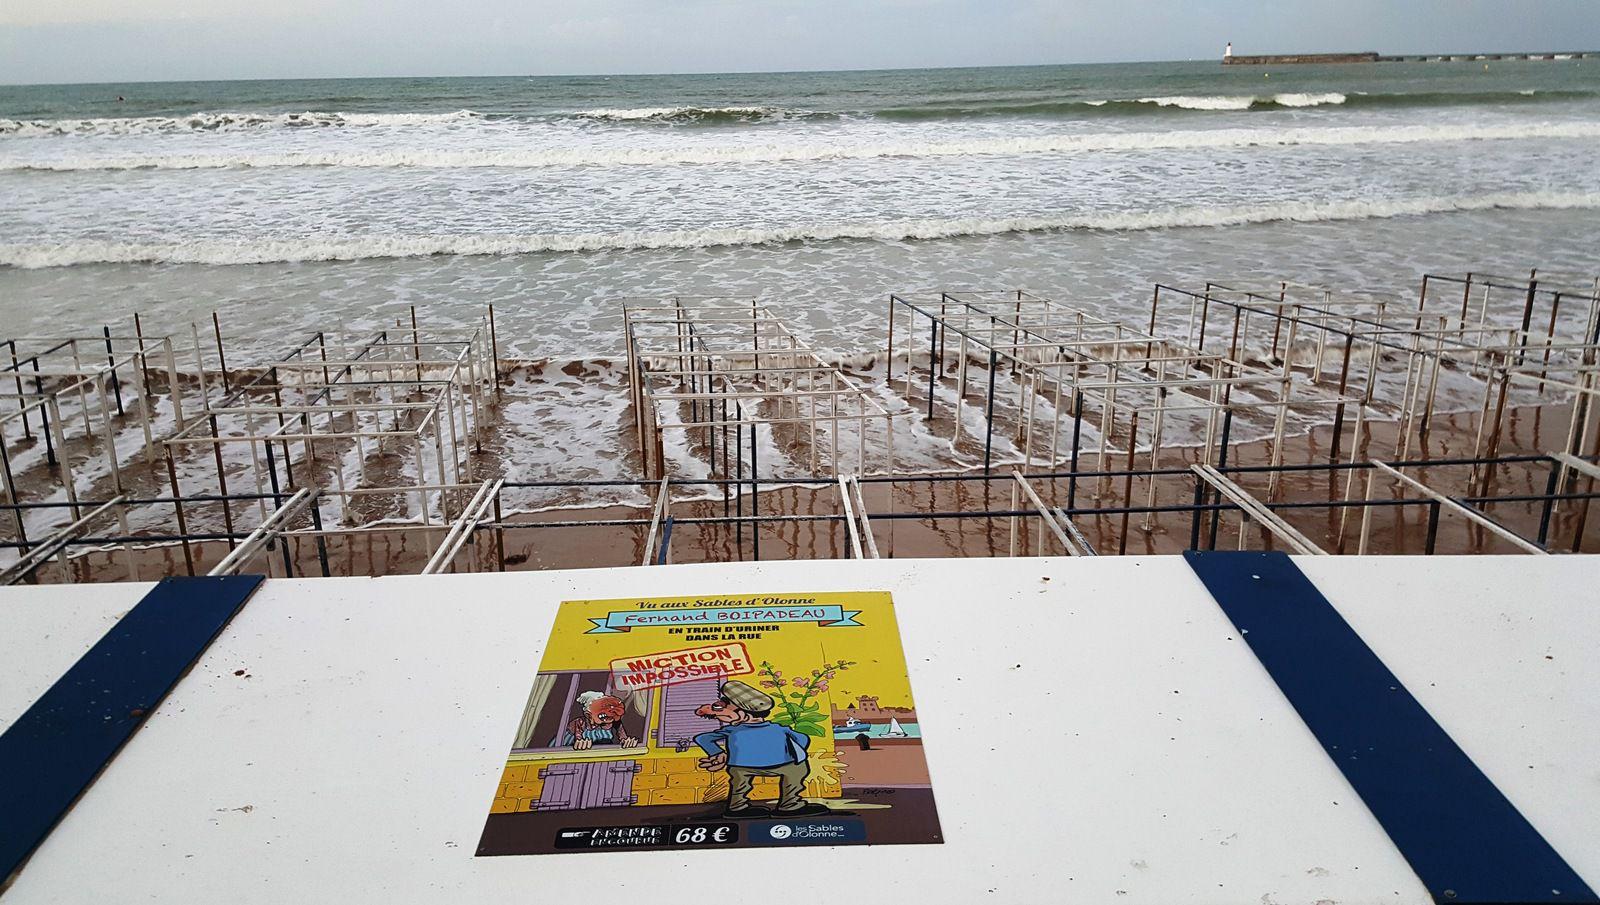 Grande marée sur le remblai des Sables d'Olonne aout 2020